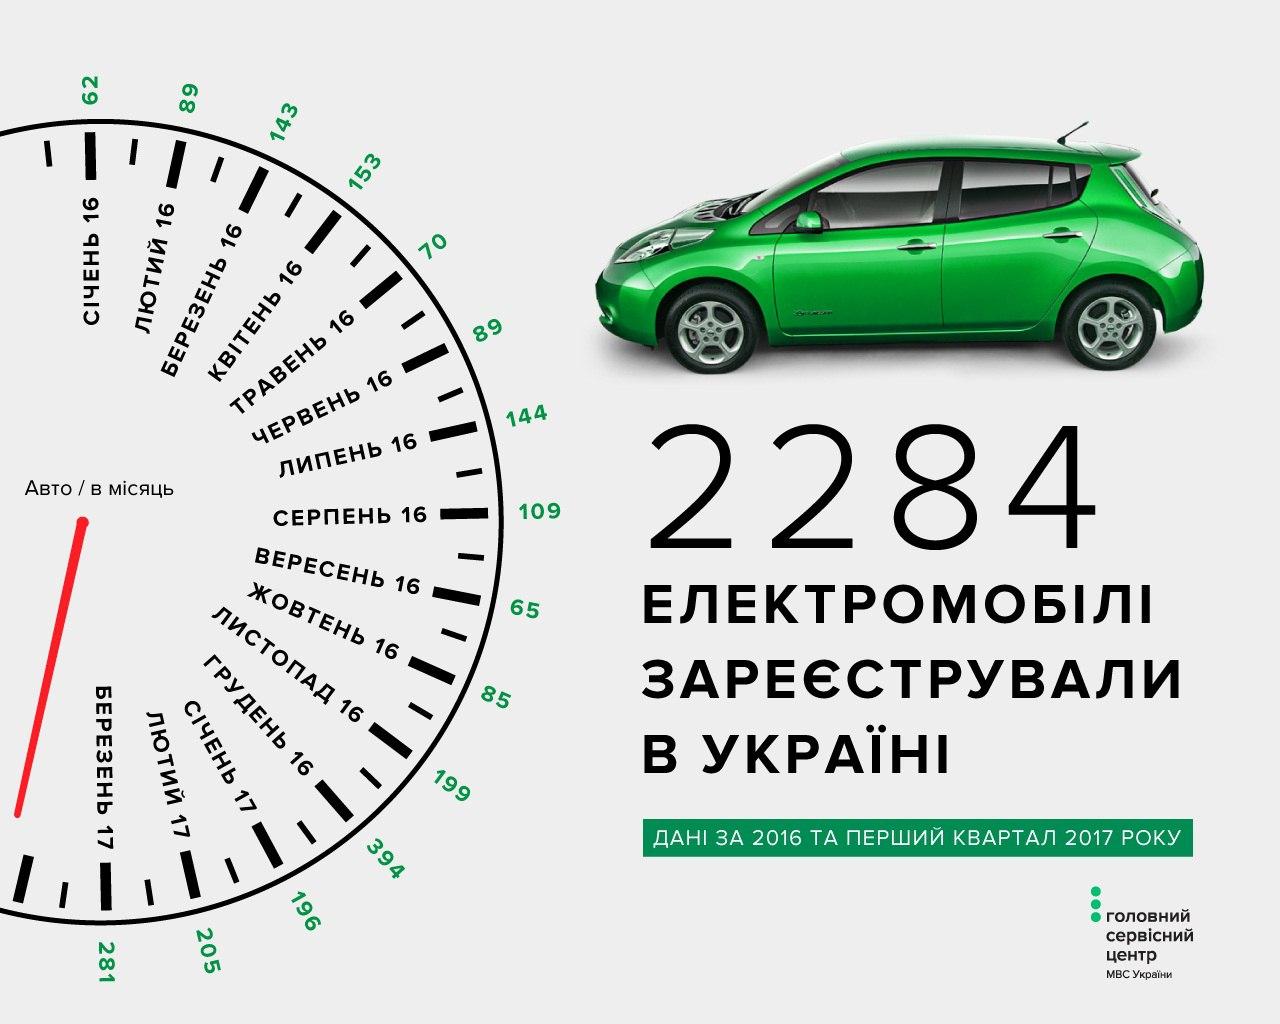 електромобілі в Україні, електрокари, электрокары